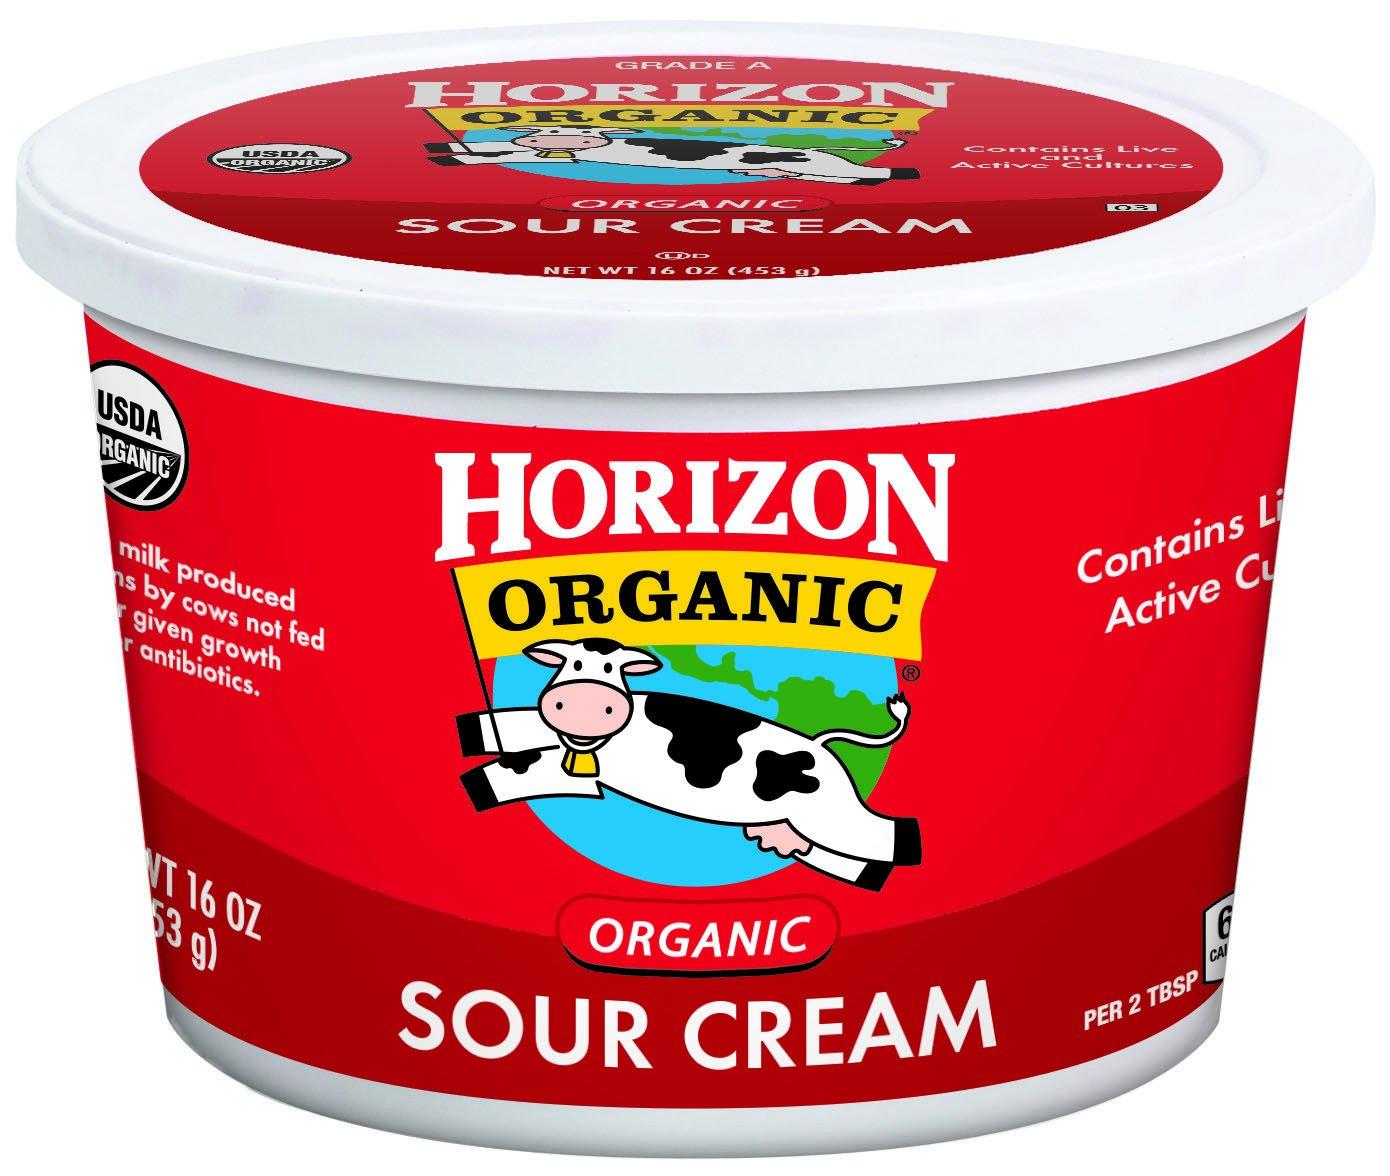 Horizon Organic Cultured Sour Cream, 16 oz.